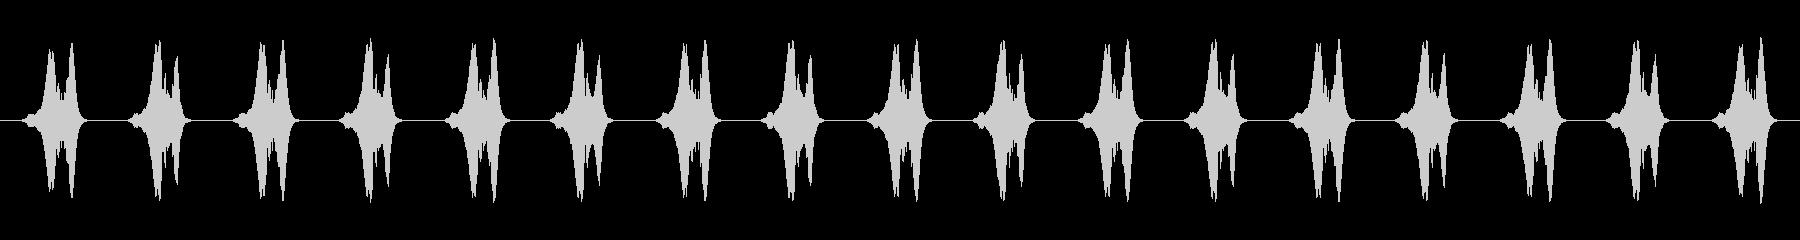 メッセージ表示音(ピピピピ)の未再生の波形